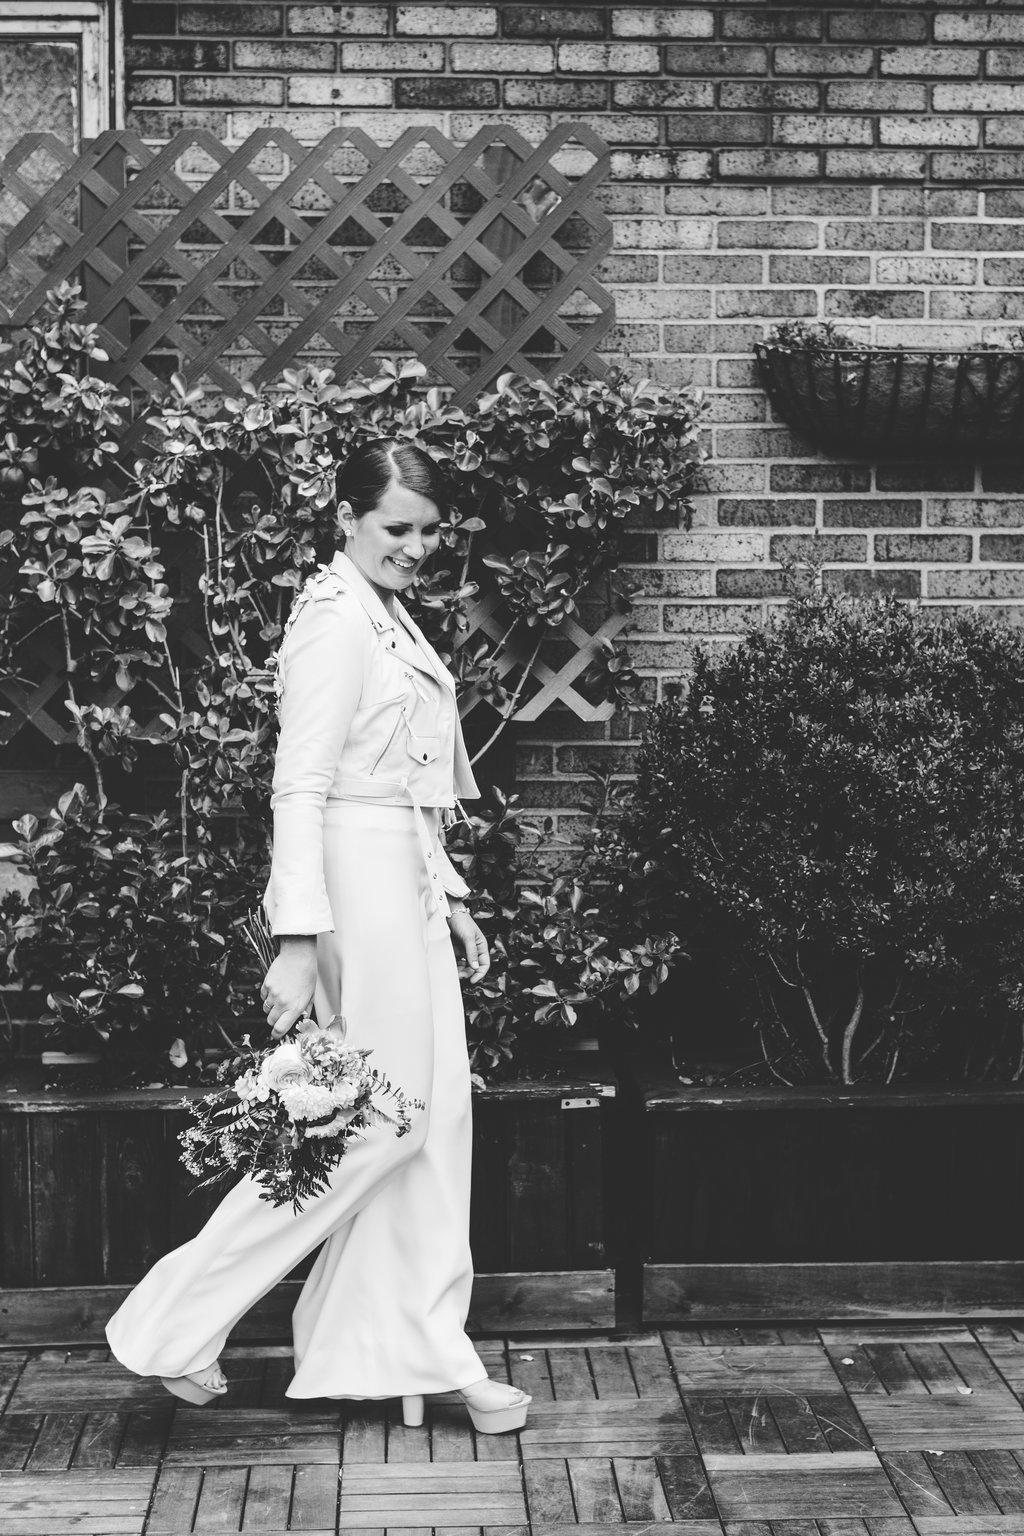 Nathalie Kraynina Bride At The Big Fake WeddingAliciaKingPhotographyBigFakeWedding207.jpg